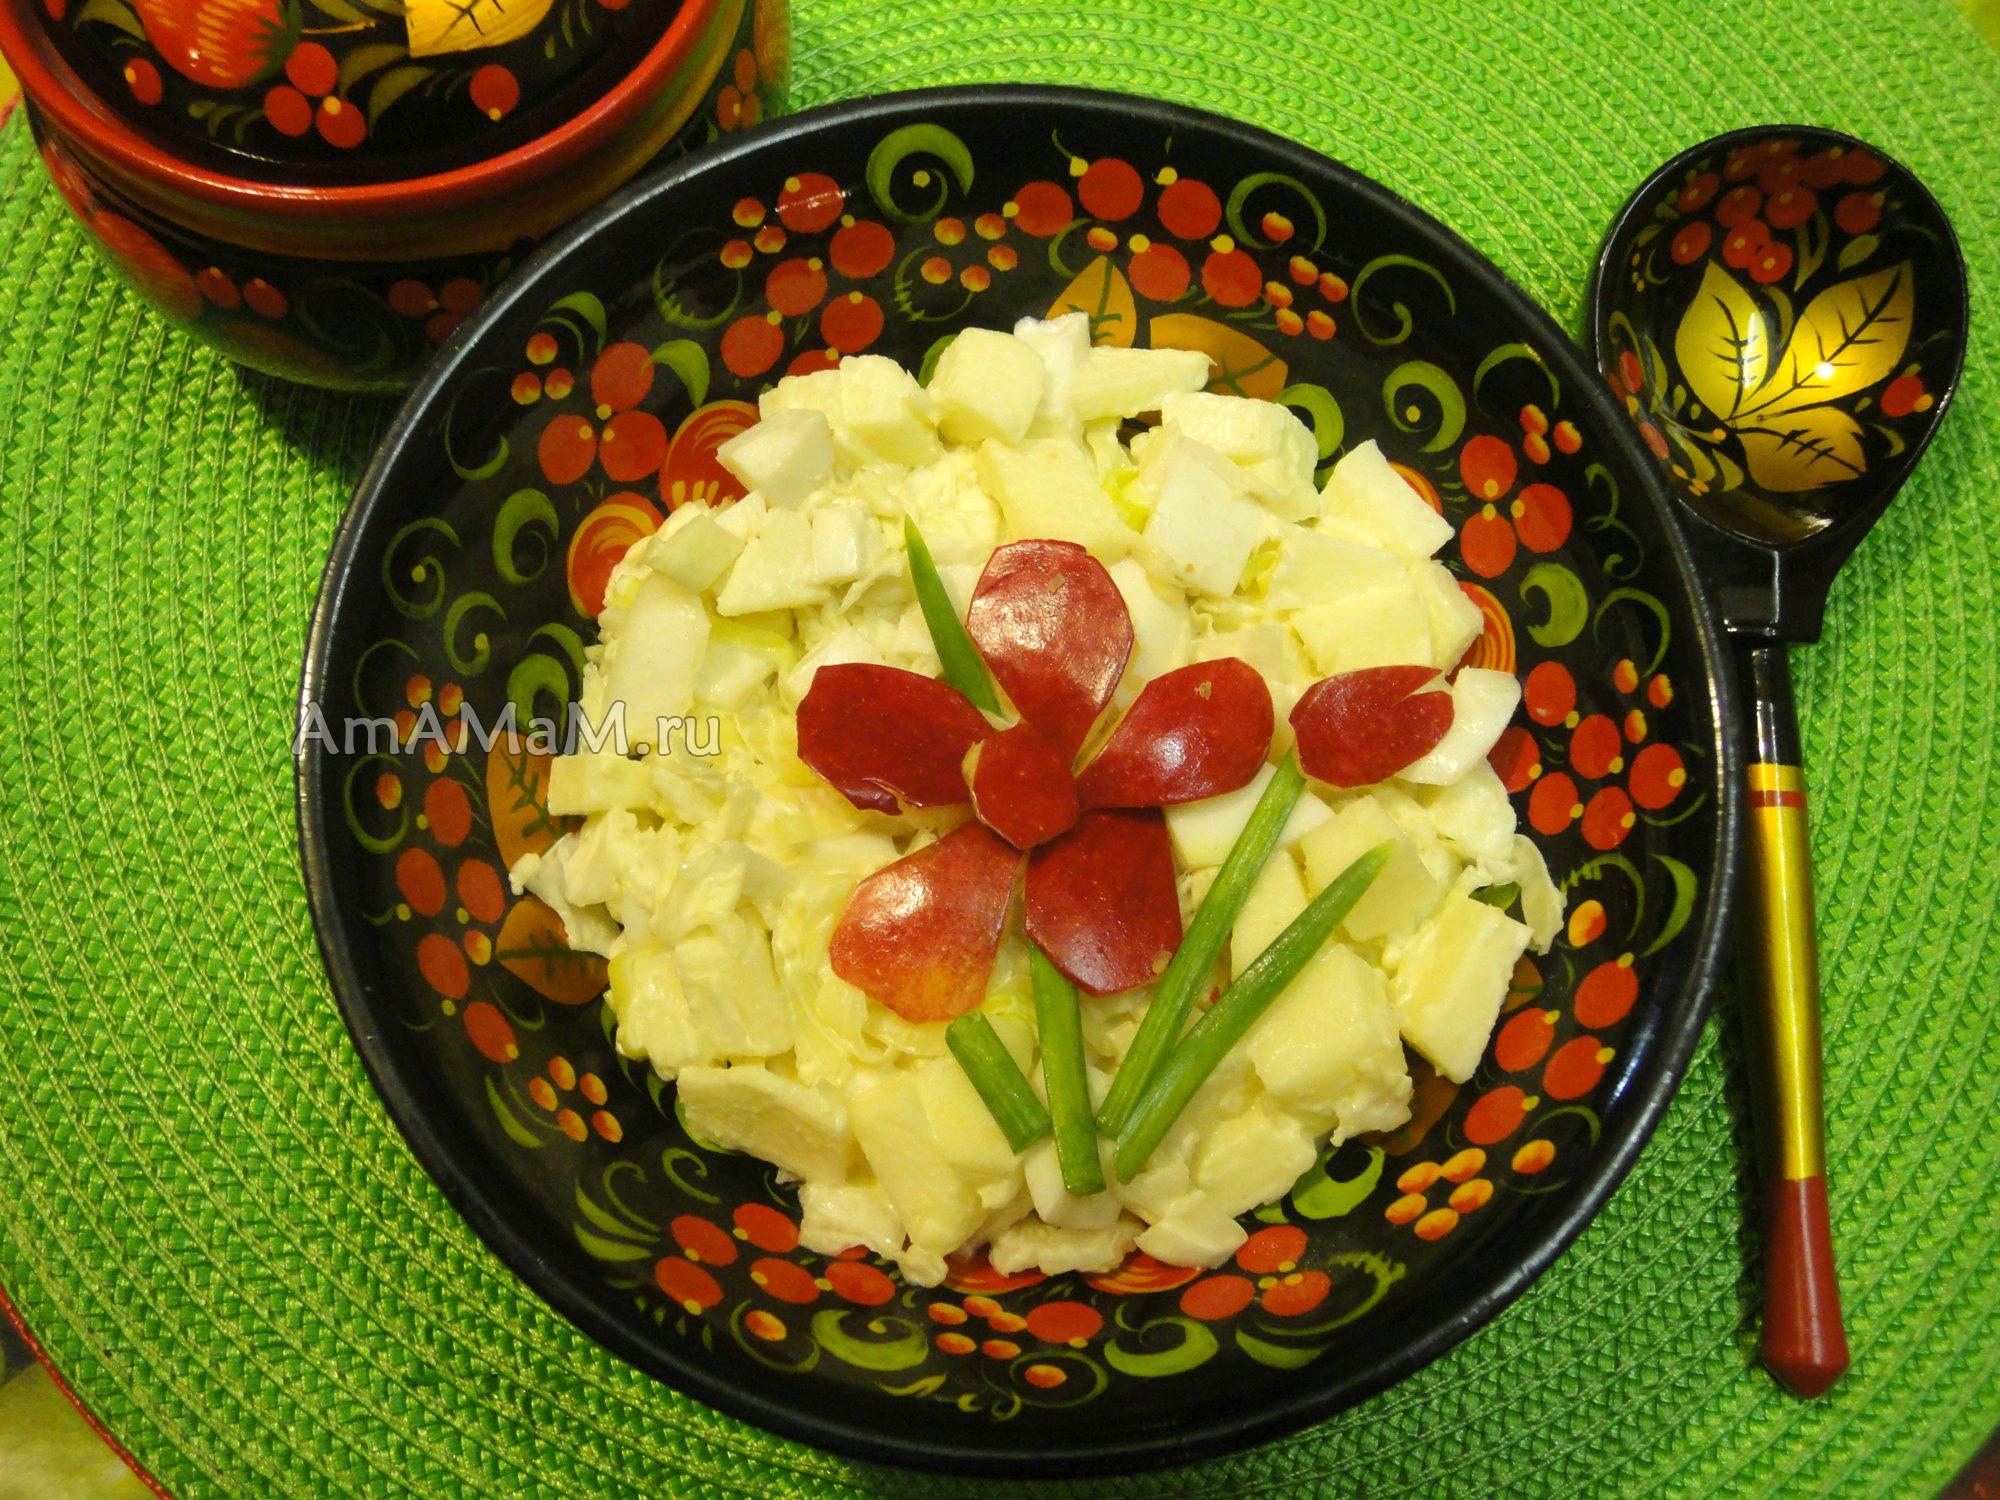 салат маслины яйца рецепт